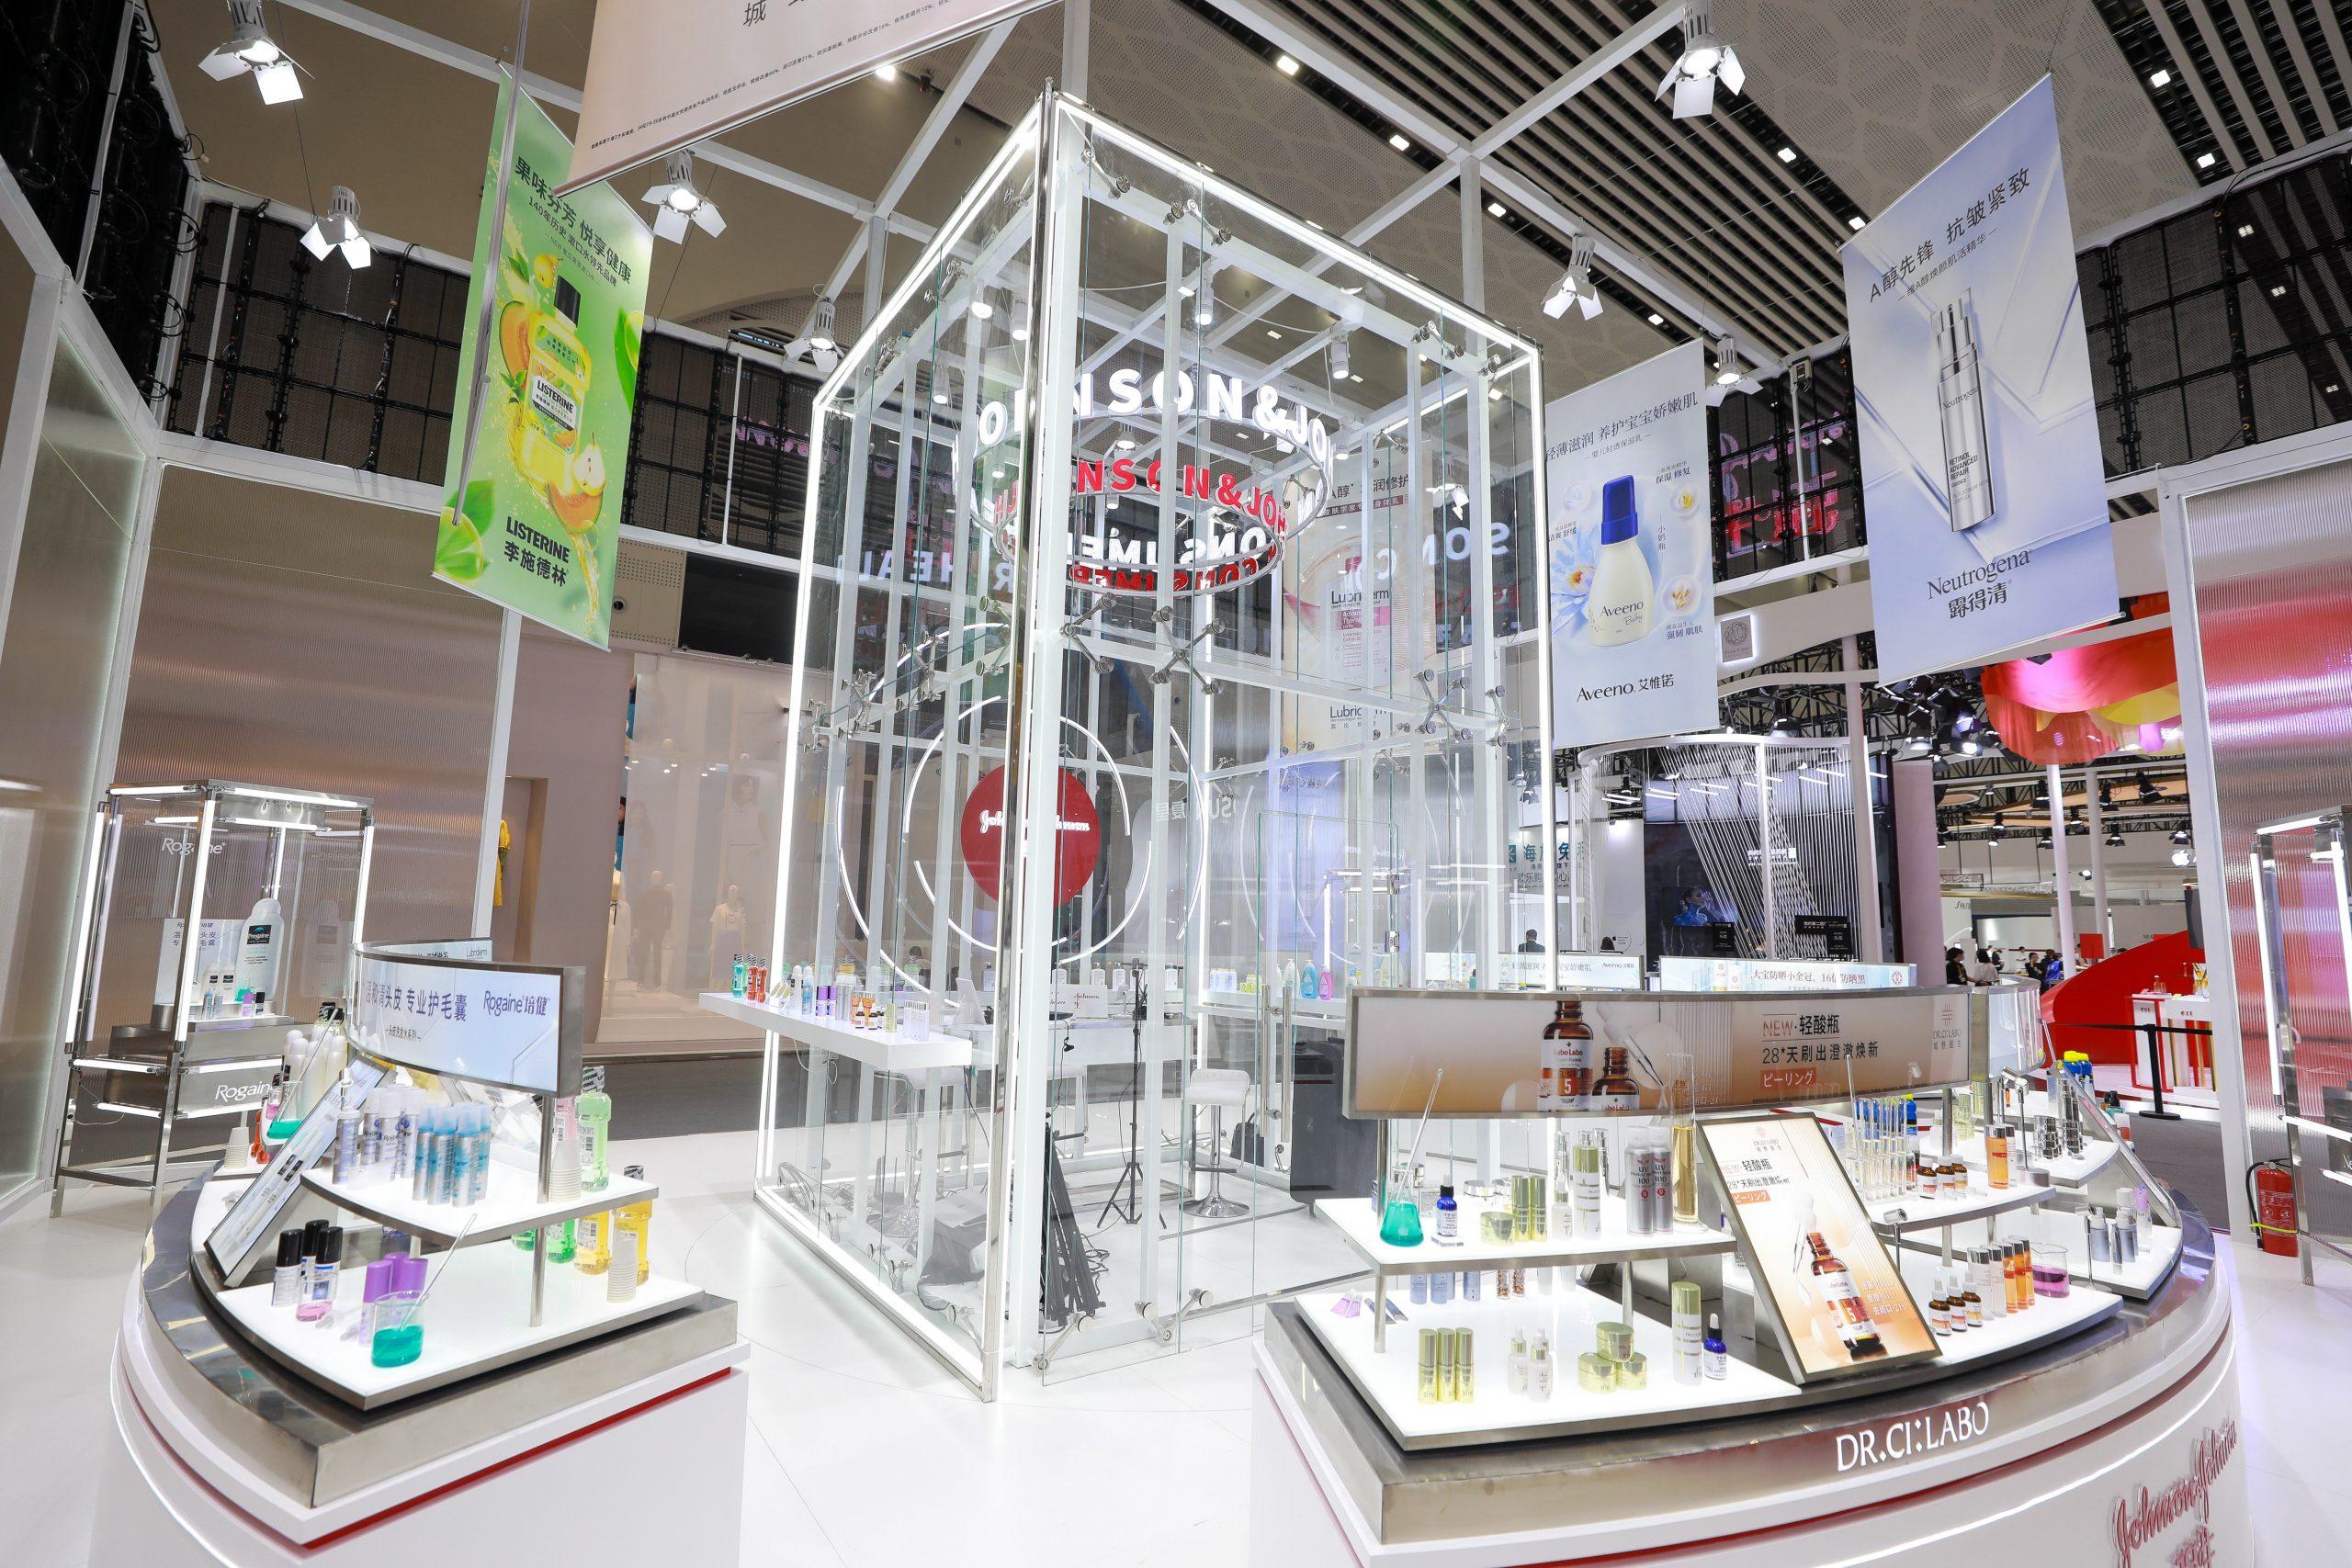 8大品牌亮相消博会,强生消费品全面展示新品科学内核及健康关注